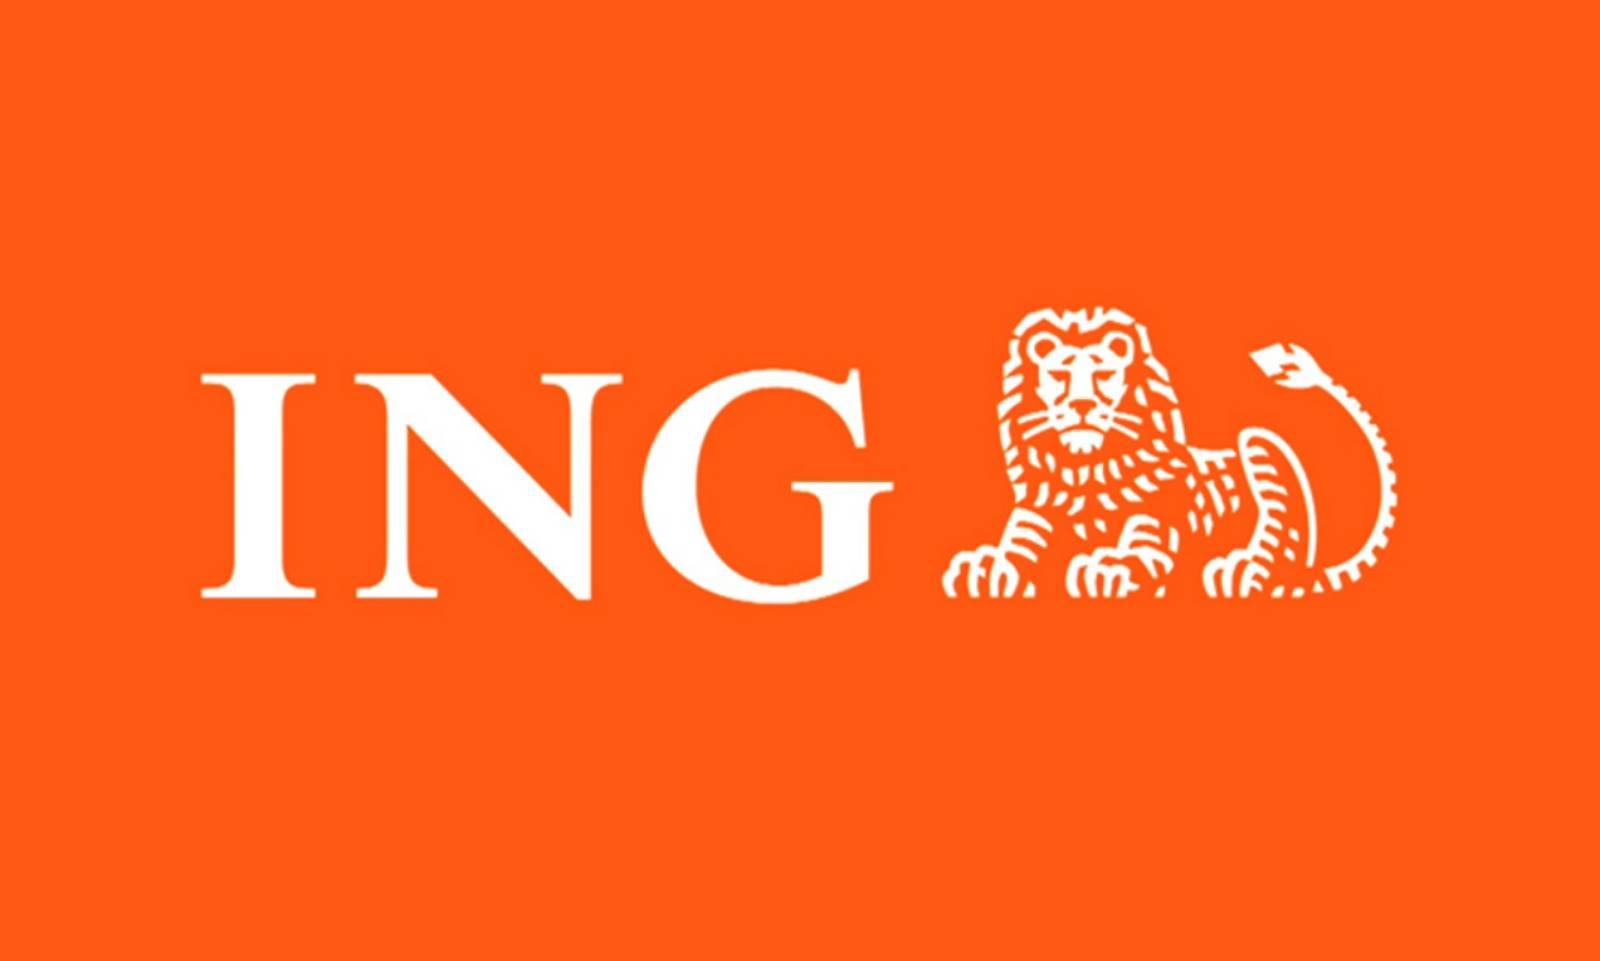 ING Bank continuitate